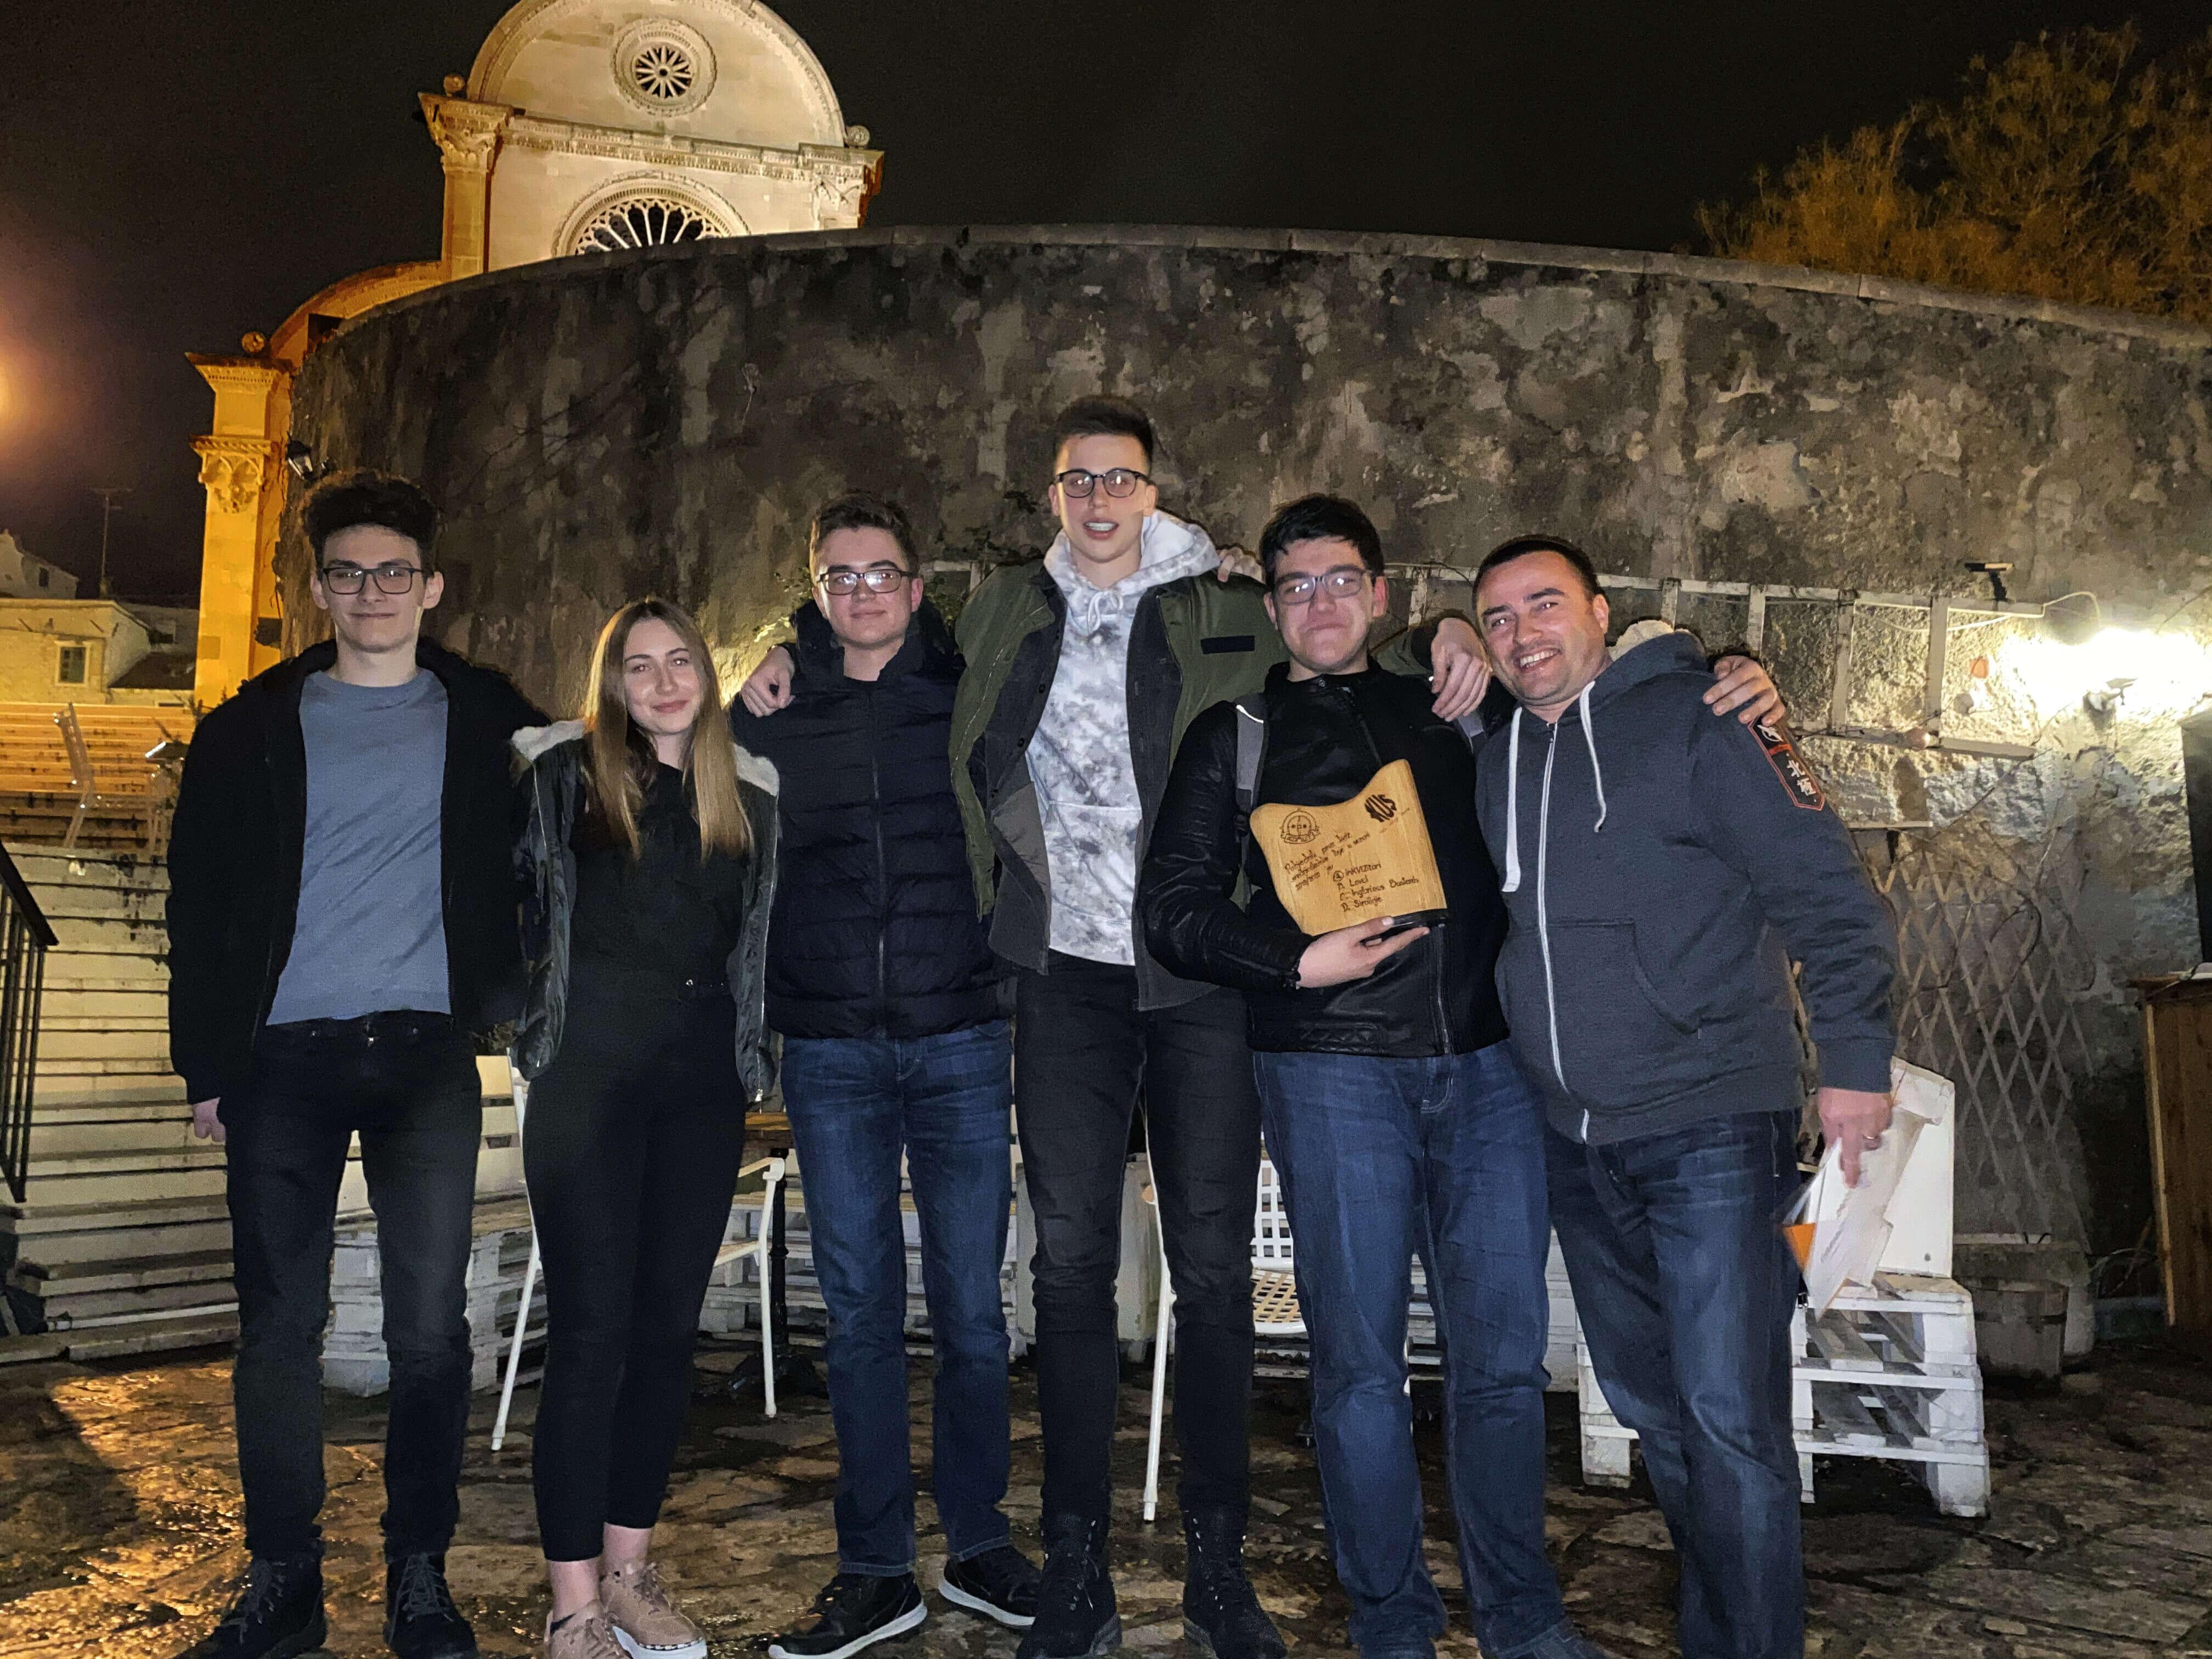 'Ovaj način povezivanja zabave i učenja je genijalan': InKvizitori odnijeli pobjedu u prvoj Kviz ligi srednjih škola u Šibeniku